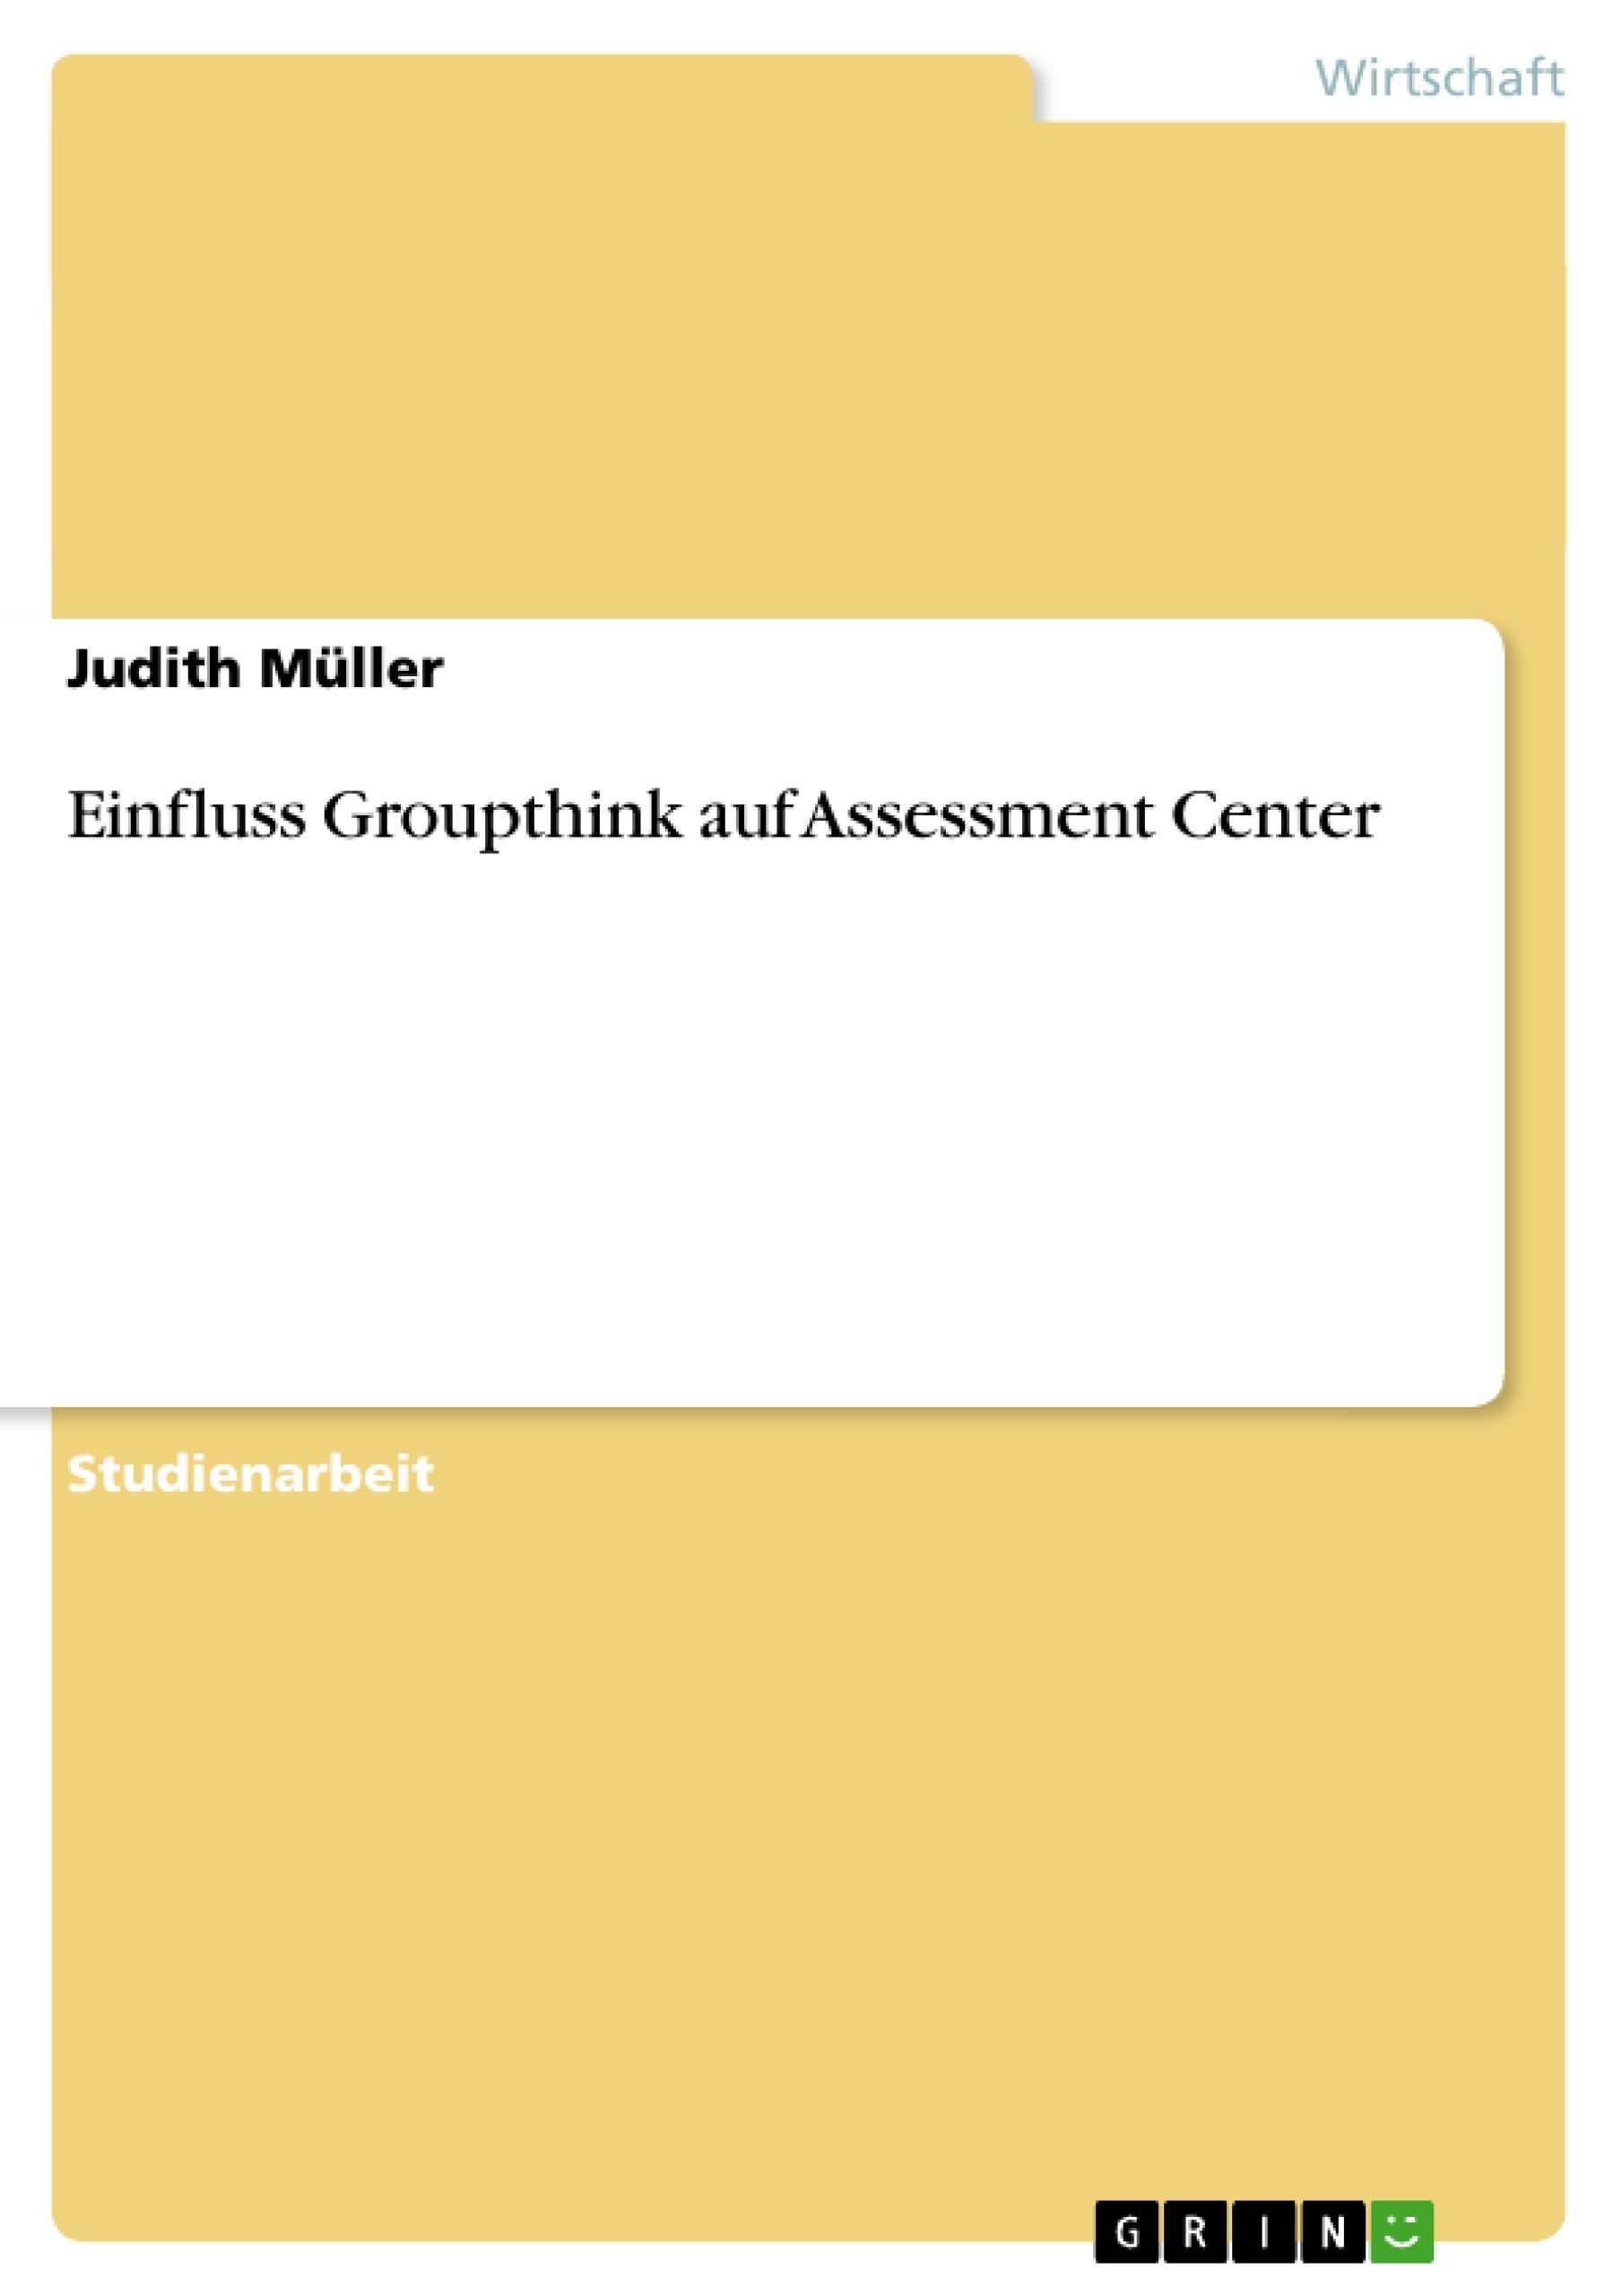 Titel: Einfluss Groupthink auf Assessment Center